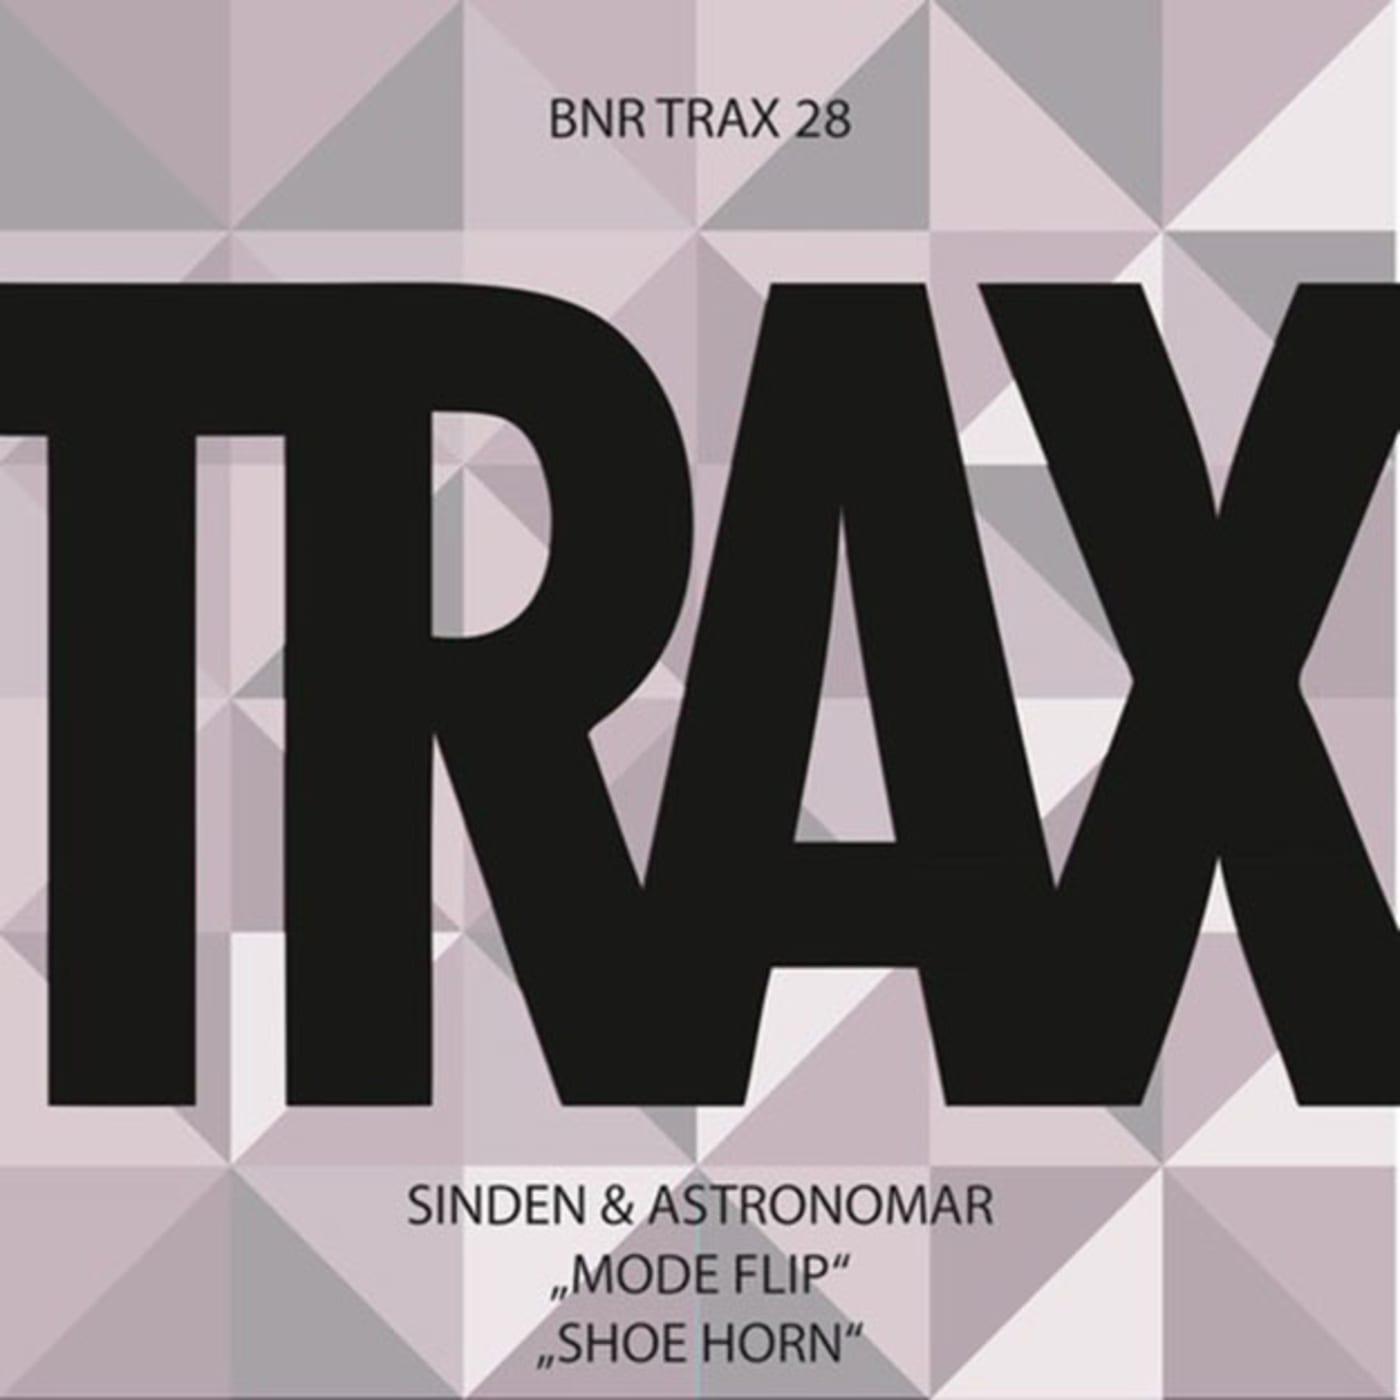 bnr trax 28